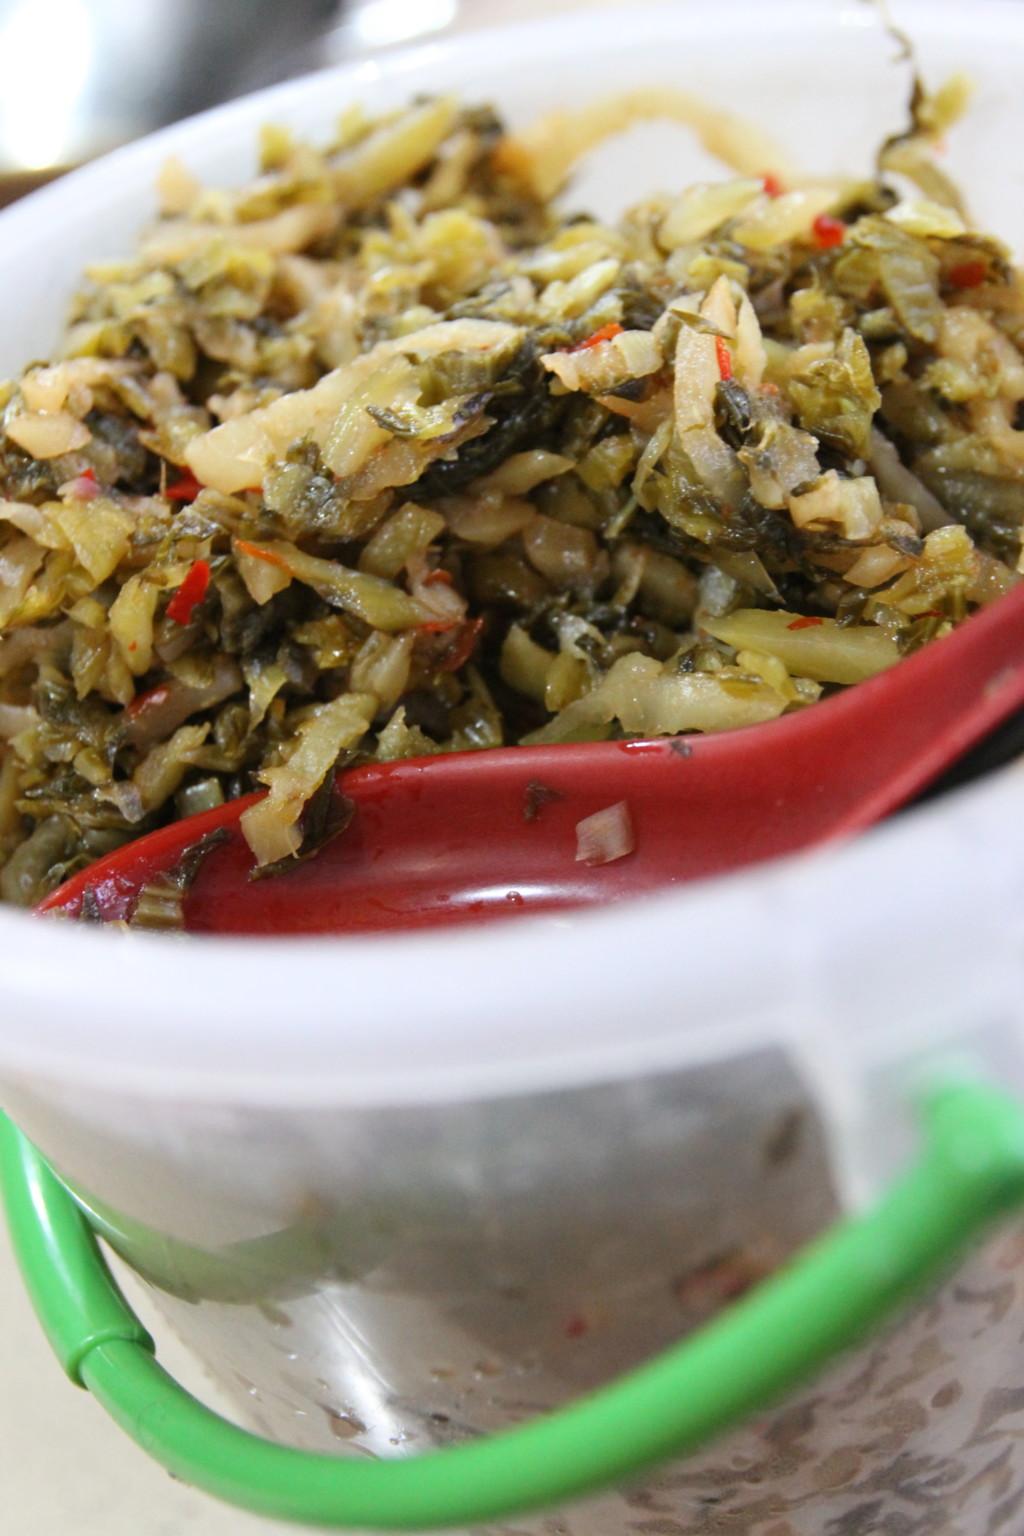 日本のラーメン屋さんみたいに、「高菜」っぽいものが置かれている